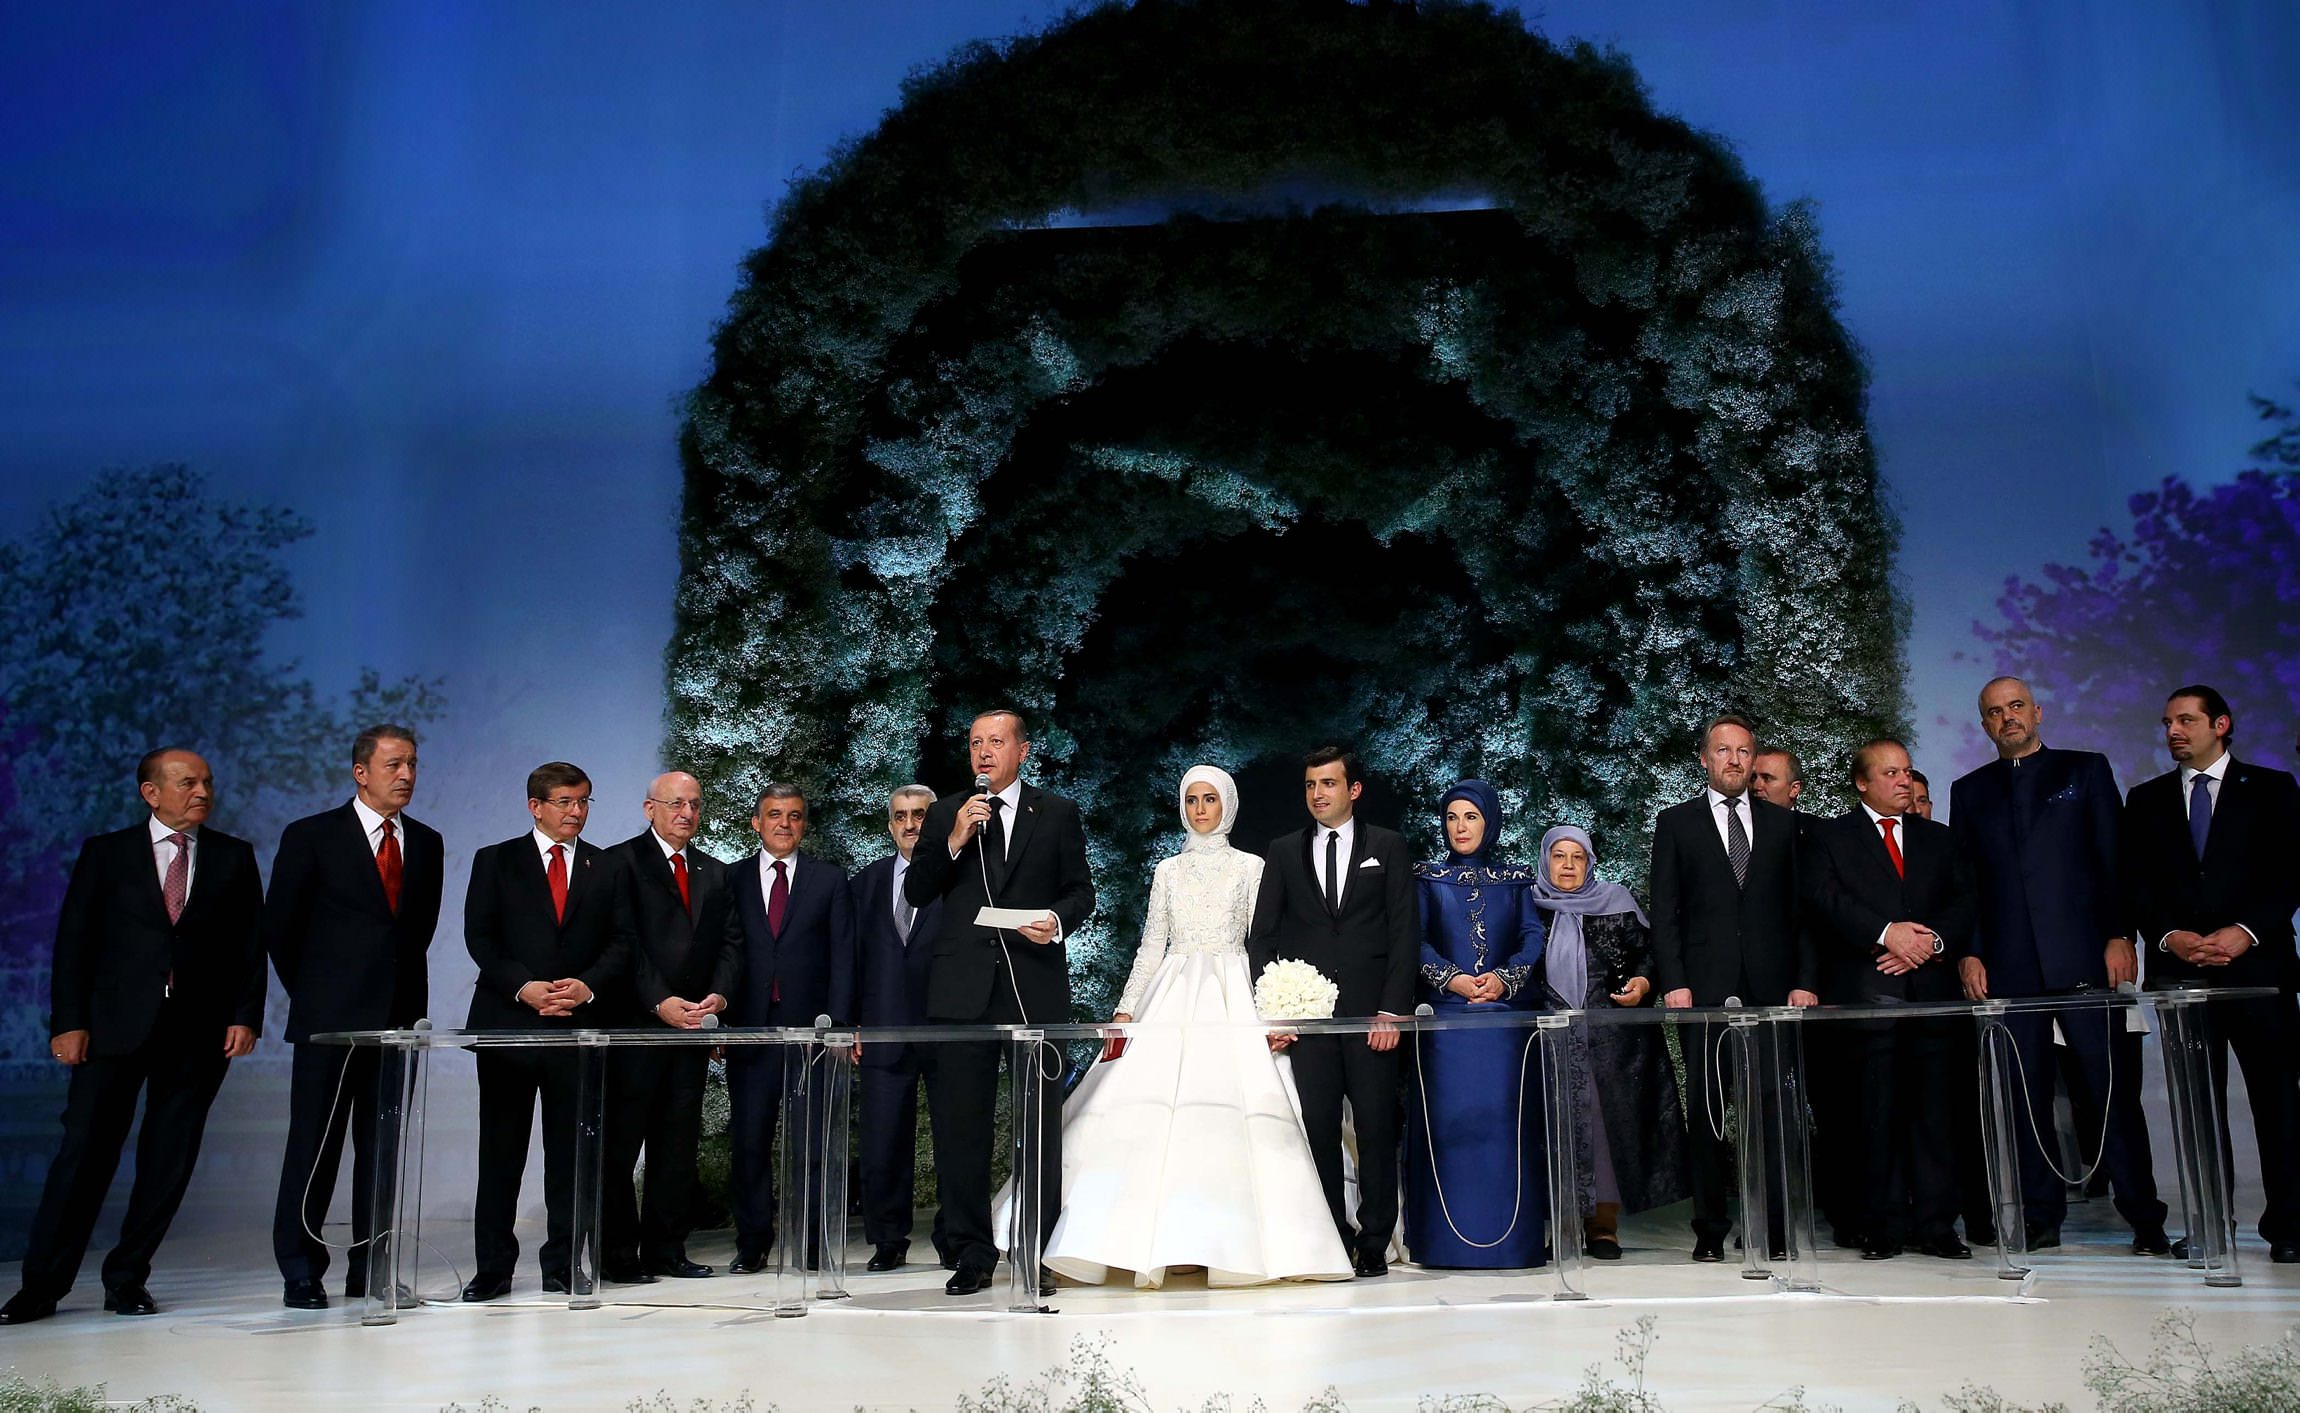 Erdoğan's daughter Sümeyye ties the knot with Selçuk Bayraktar in Istanbul